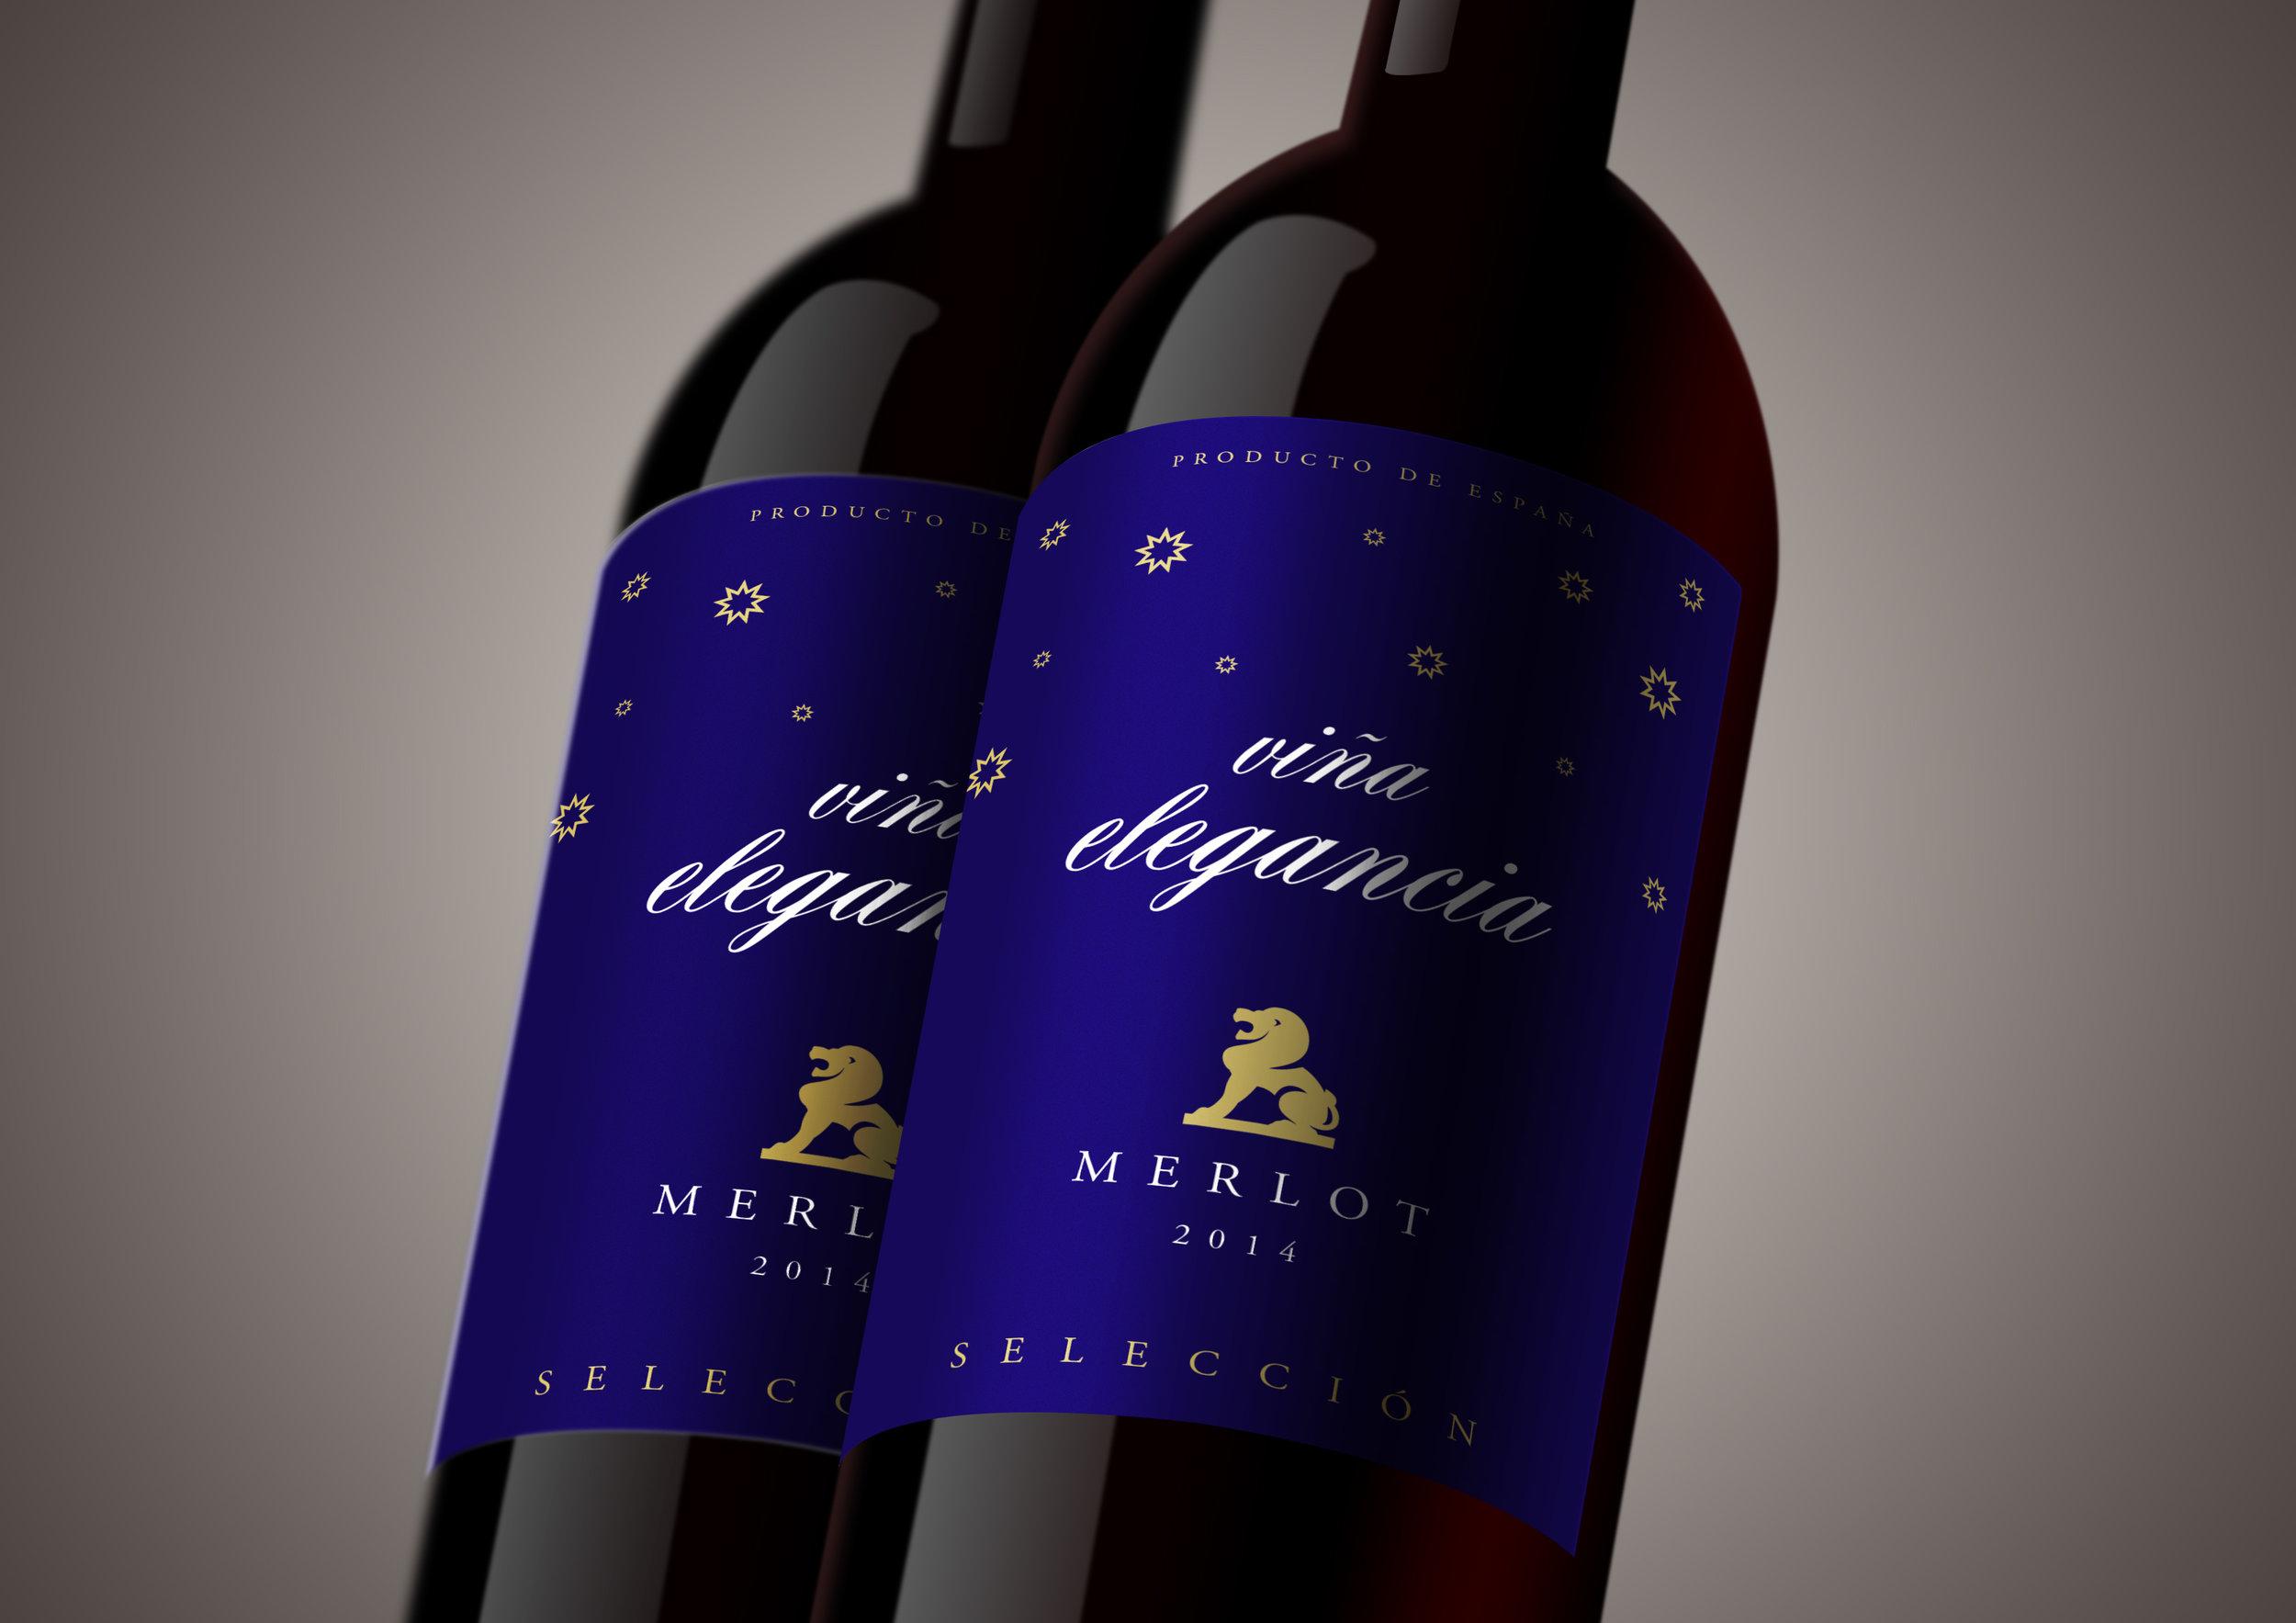 Vina Elegancia 2 bottle shot.jpg